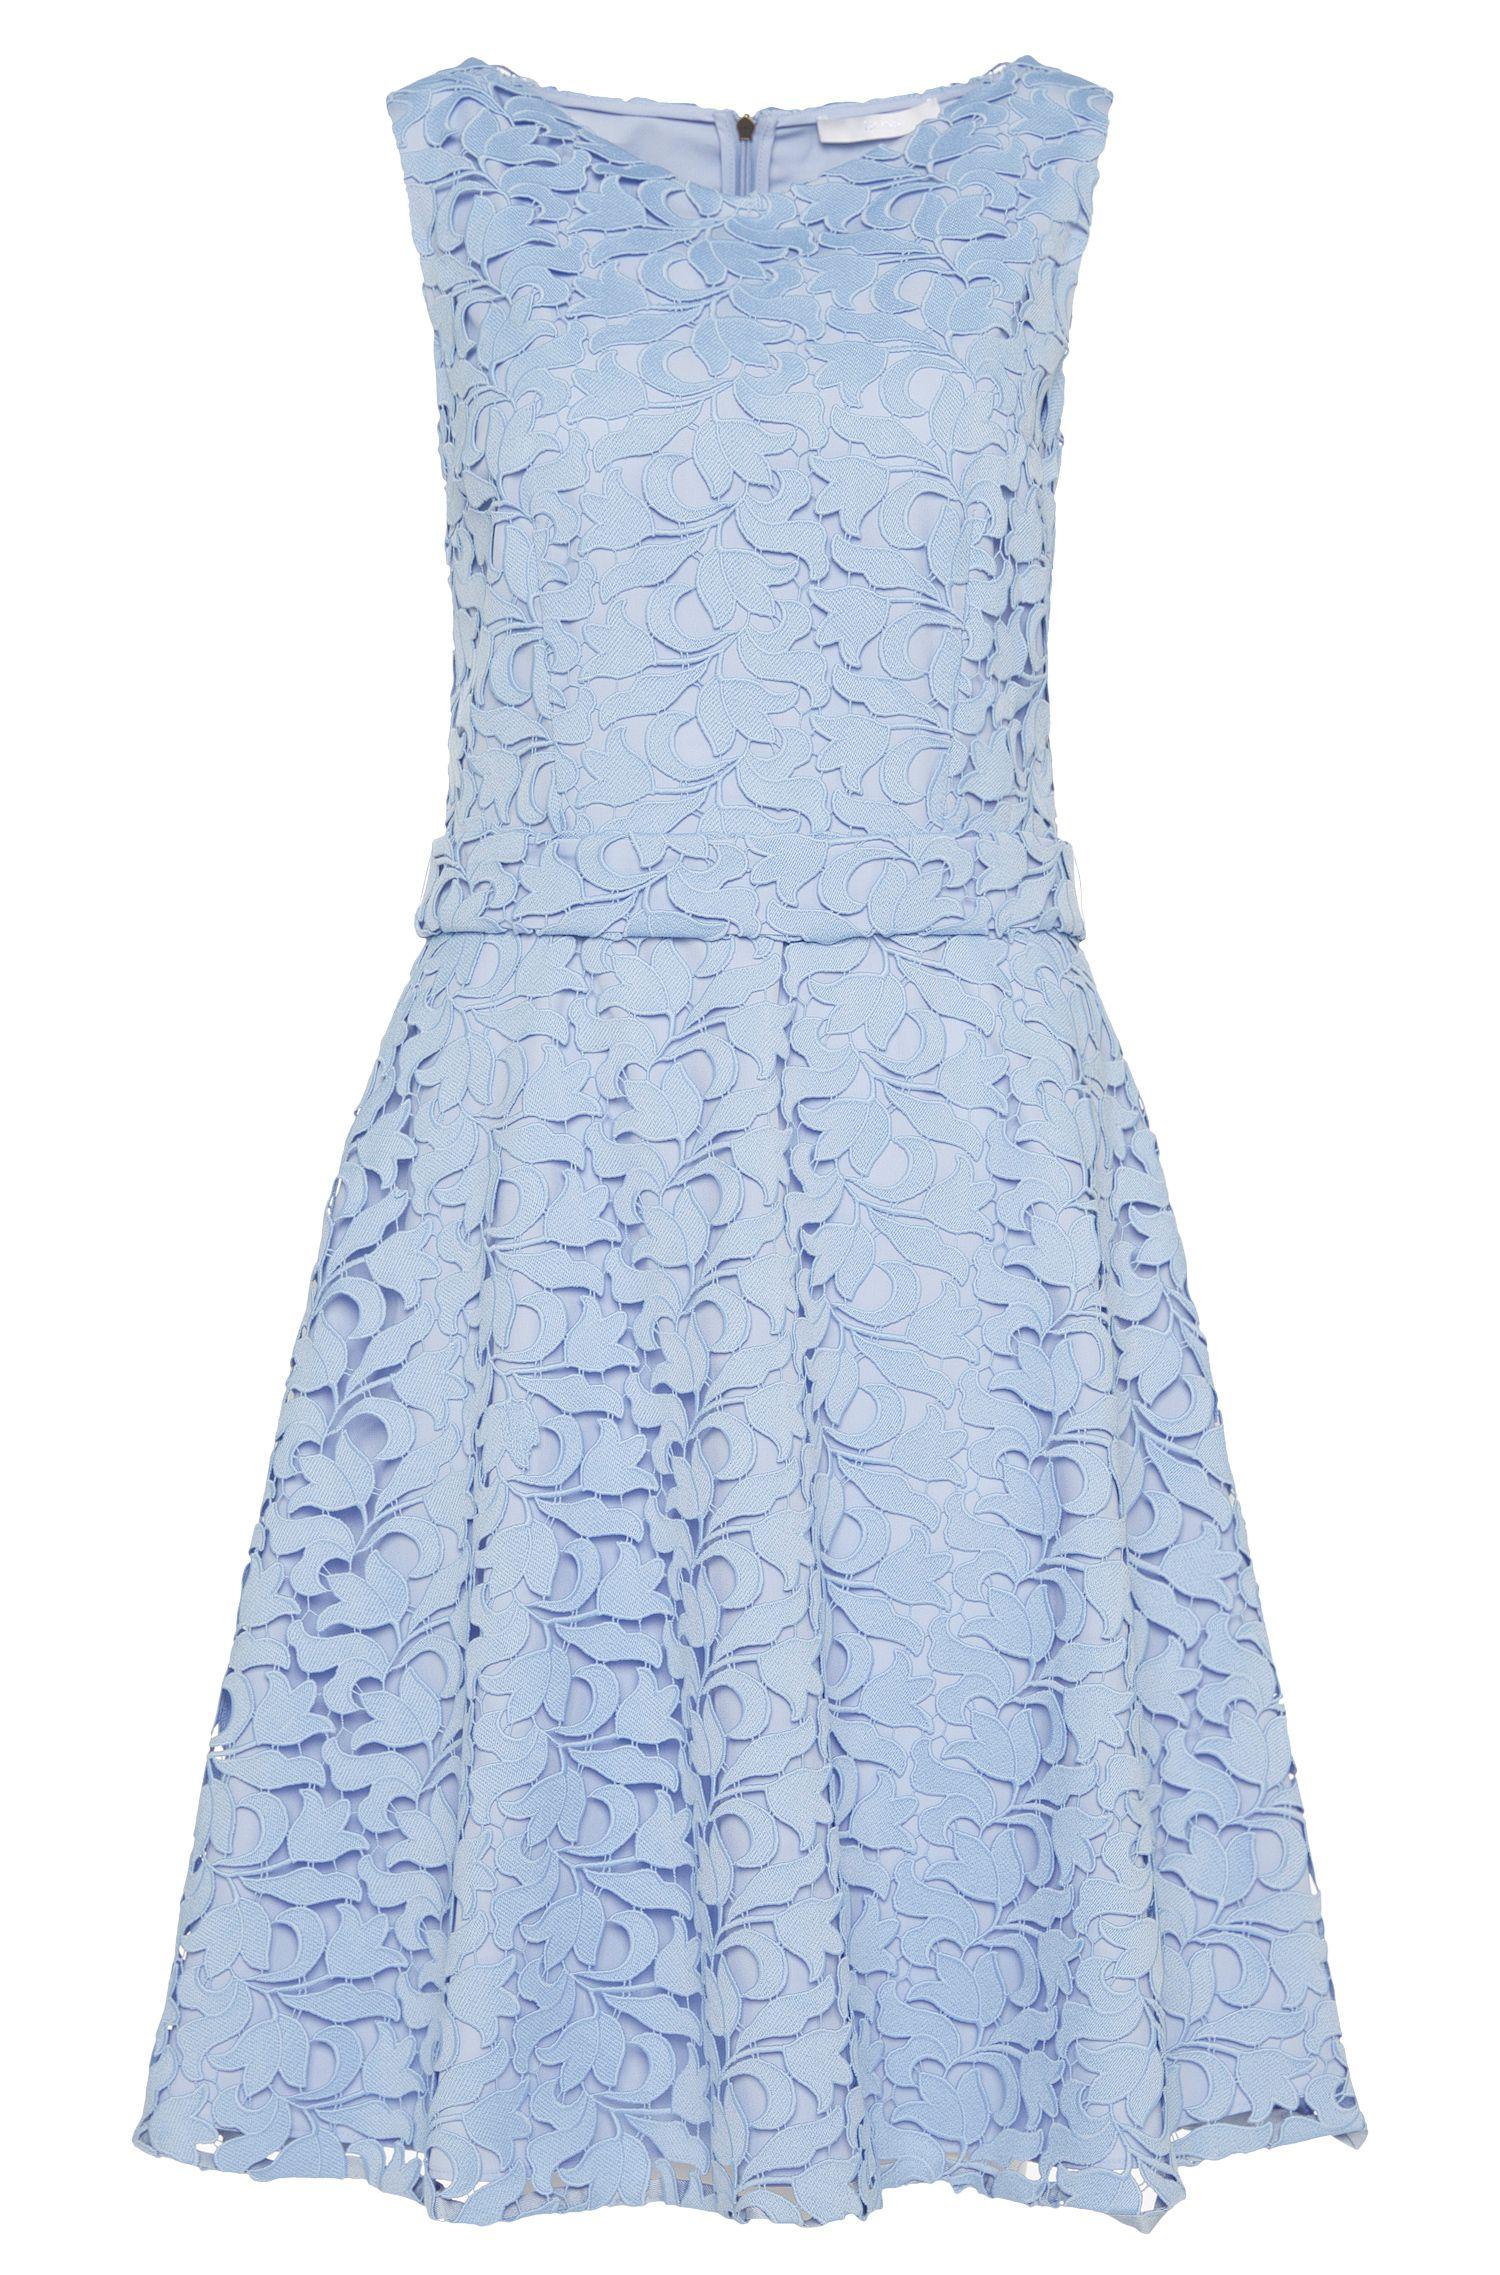 'Dyferana' | Sleeveless Dress